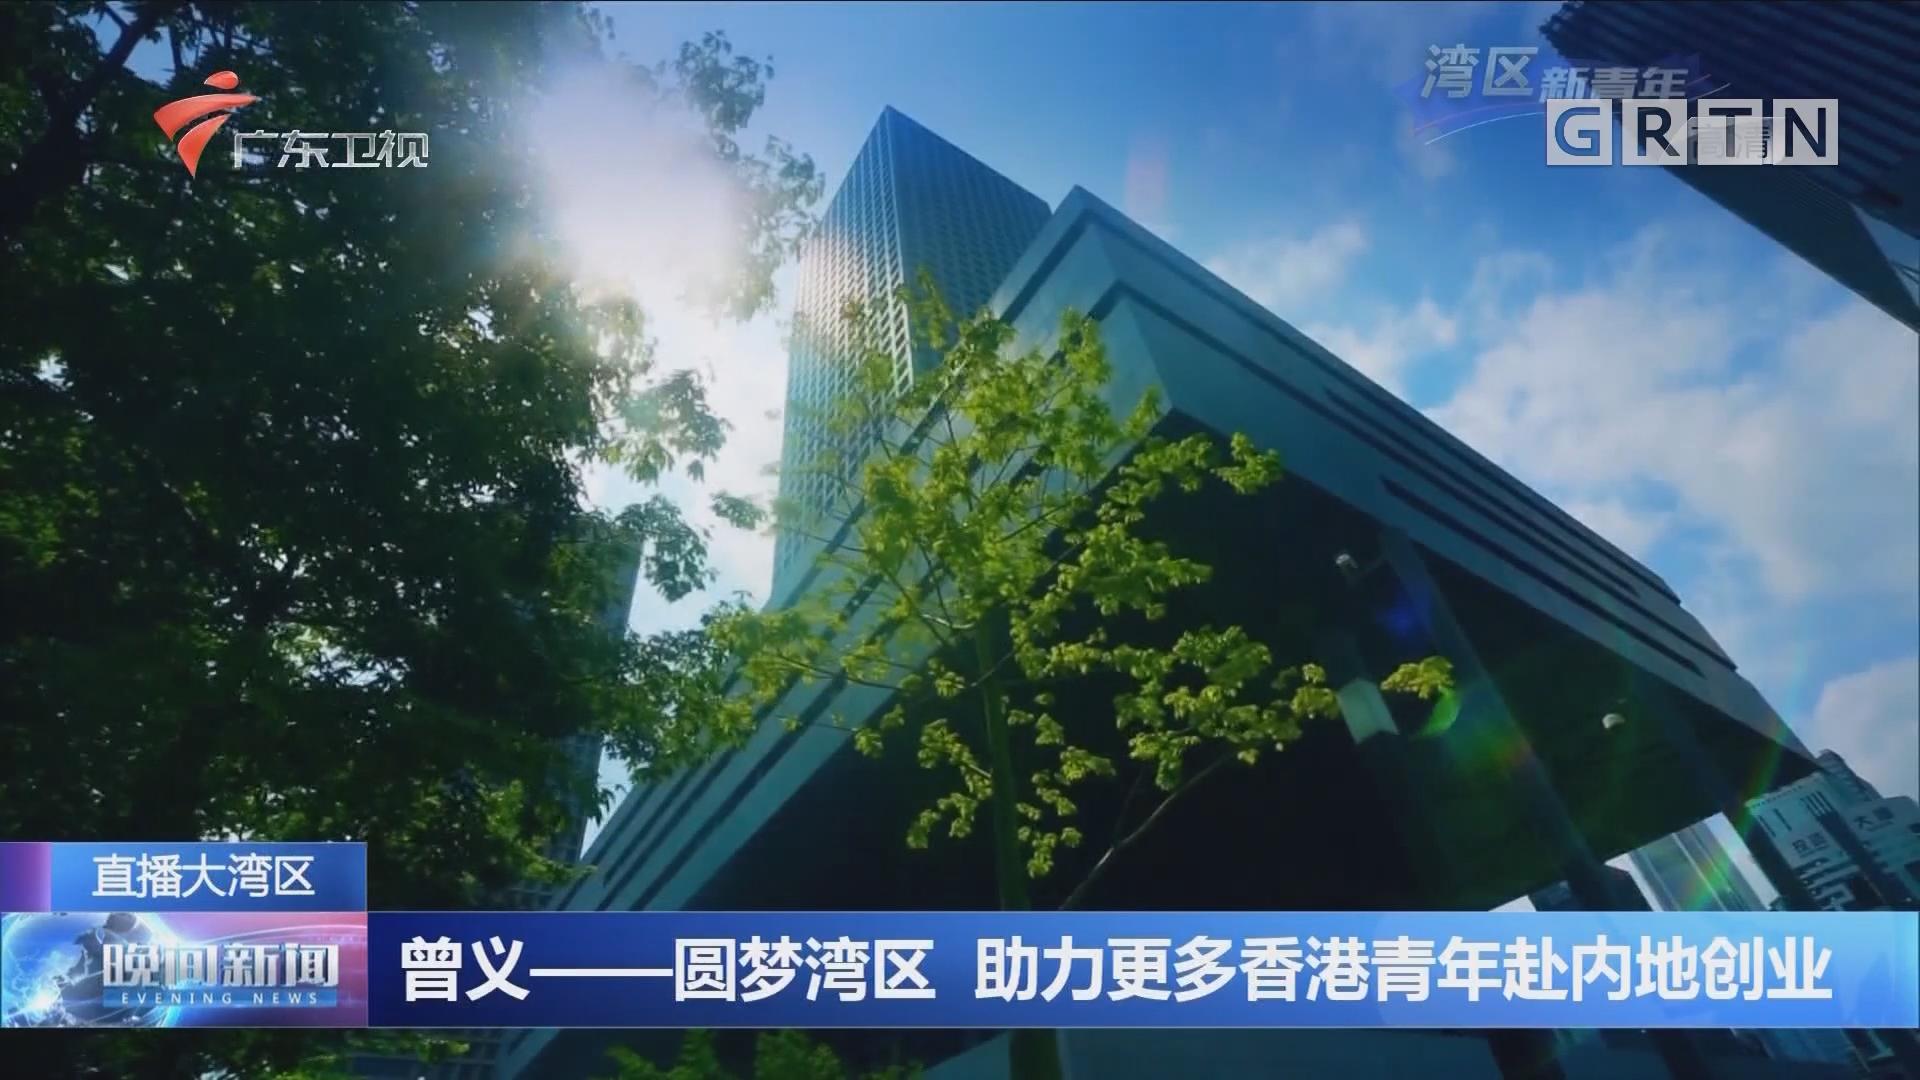 曾义——圆梦湾区 助力更多香港青年赴内地创业